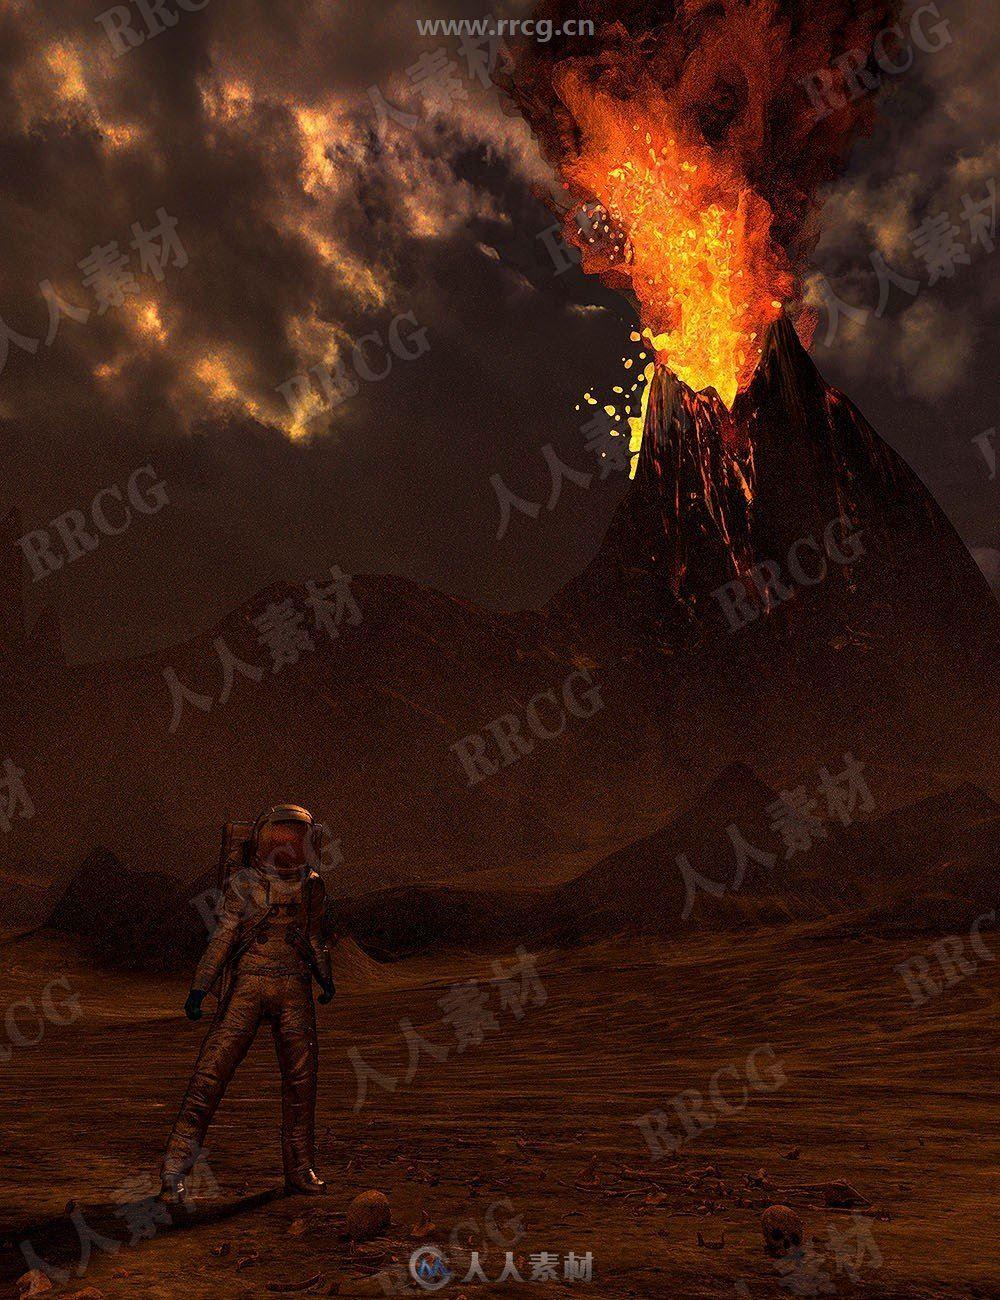 火山爆发烟熏现场天空预设3D模型合集